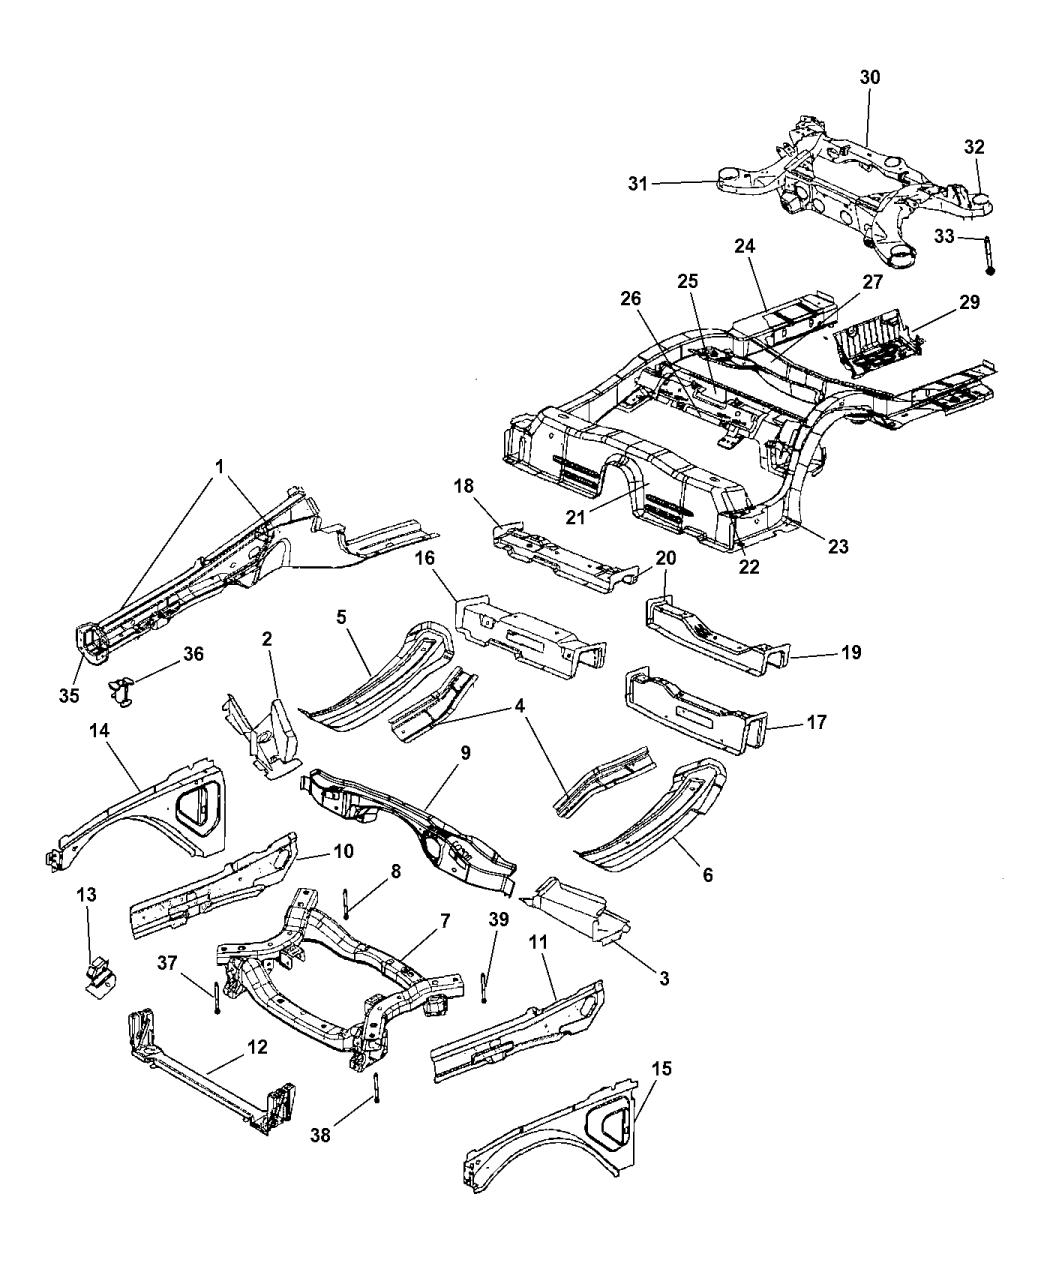 2017 Dodge Charger Frame, Complete - Mopar Parts Giant